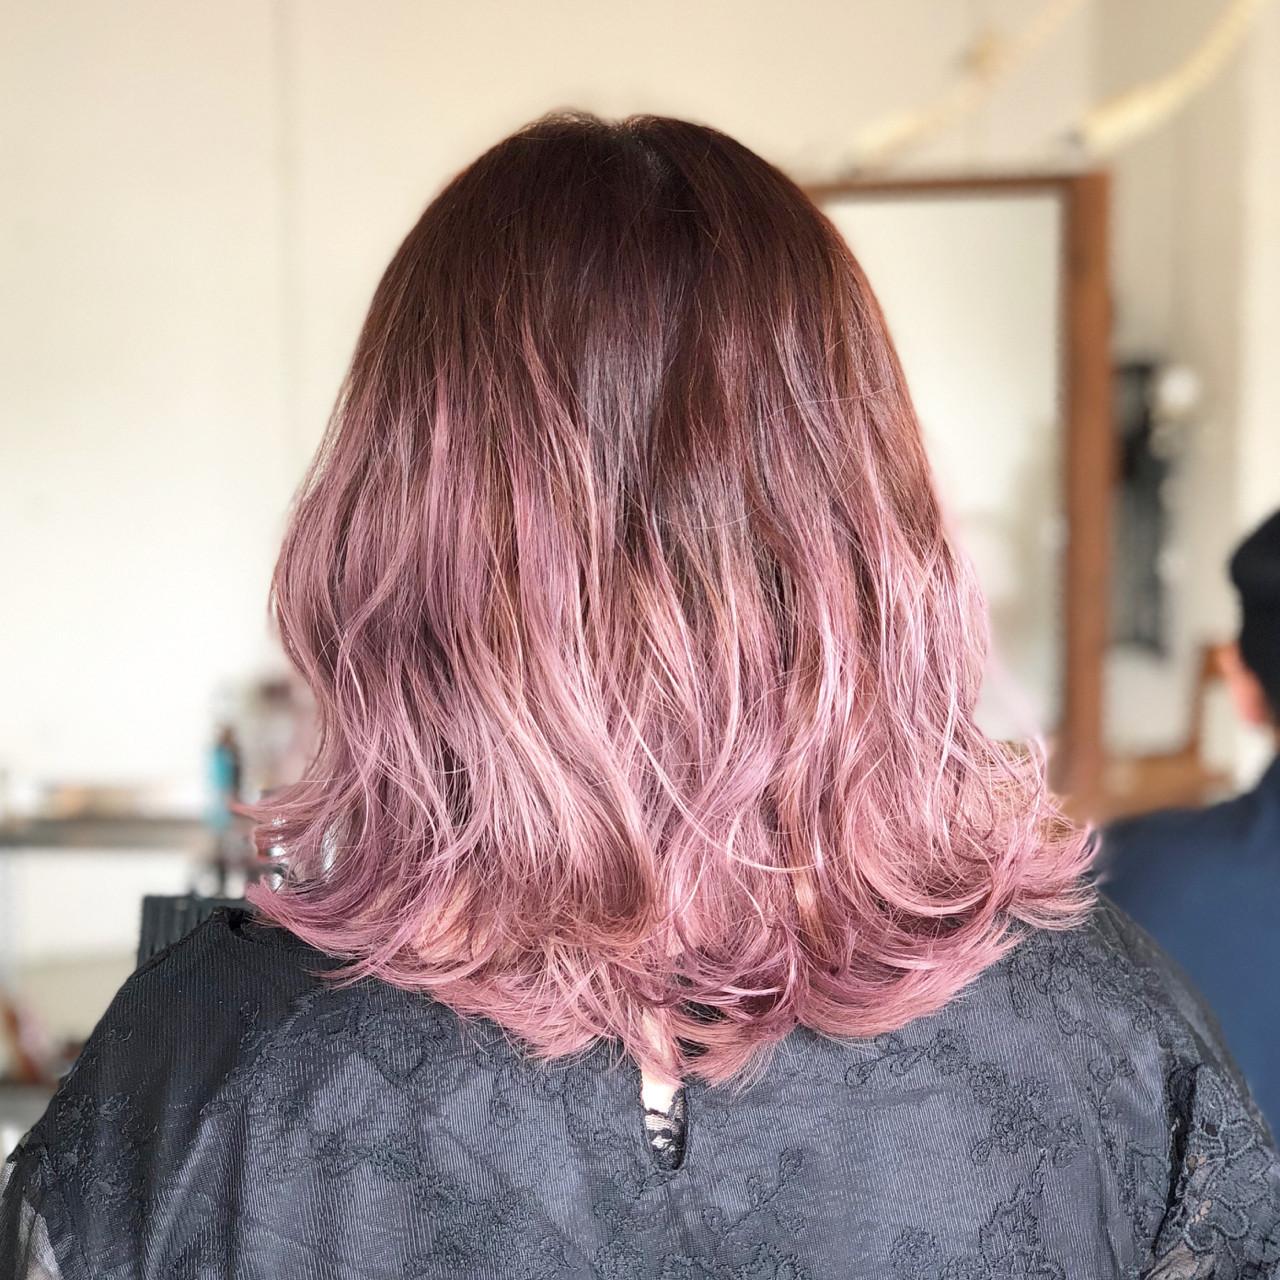 ミディアム ストリート ラベンダー ピンク ヘアスタイルや髪型の写真・画像